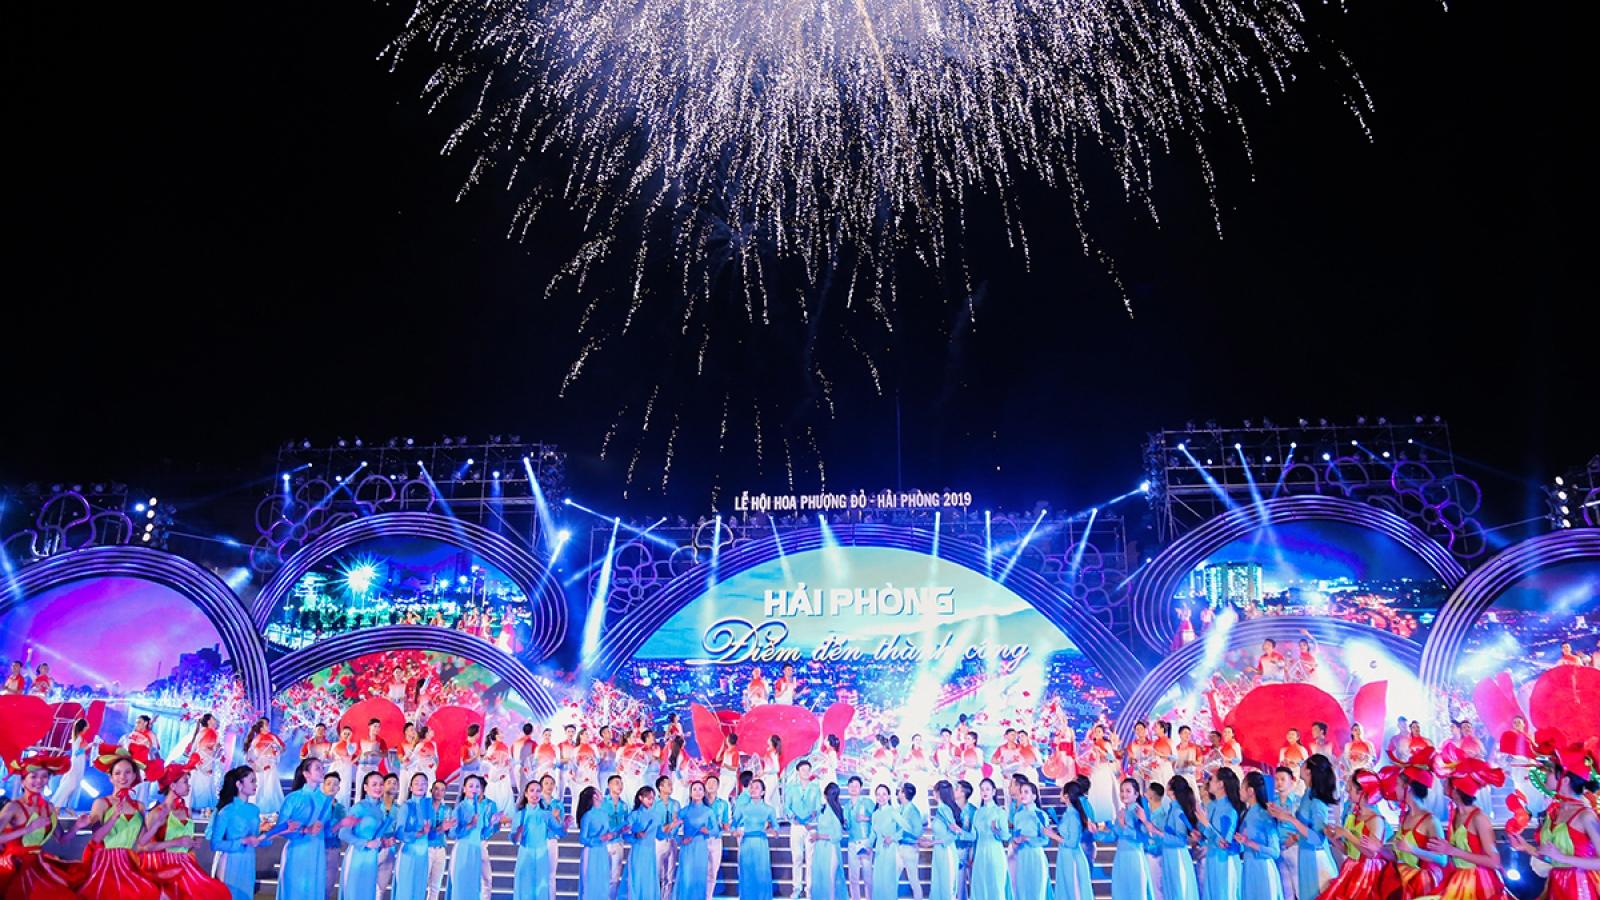 Lễ hội Hoa Phượng Đỏ – Hải Phòng 2021 sẽ diễn ra vào đầu tháng 5